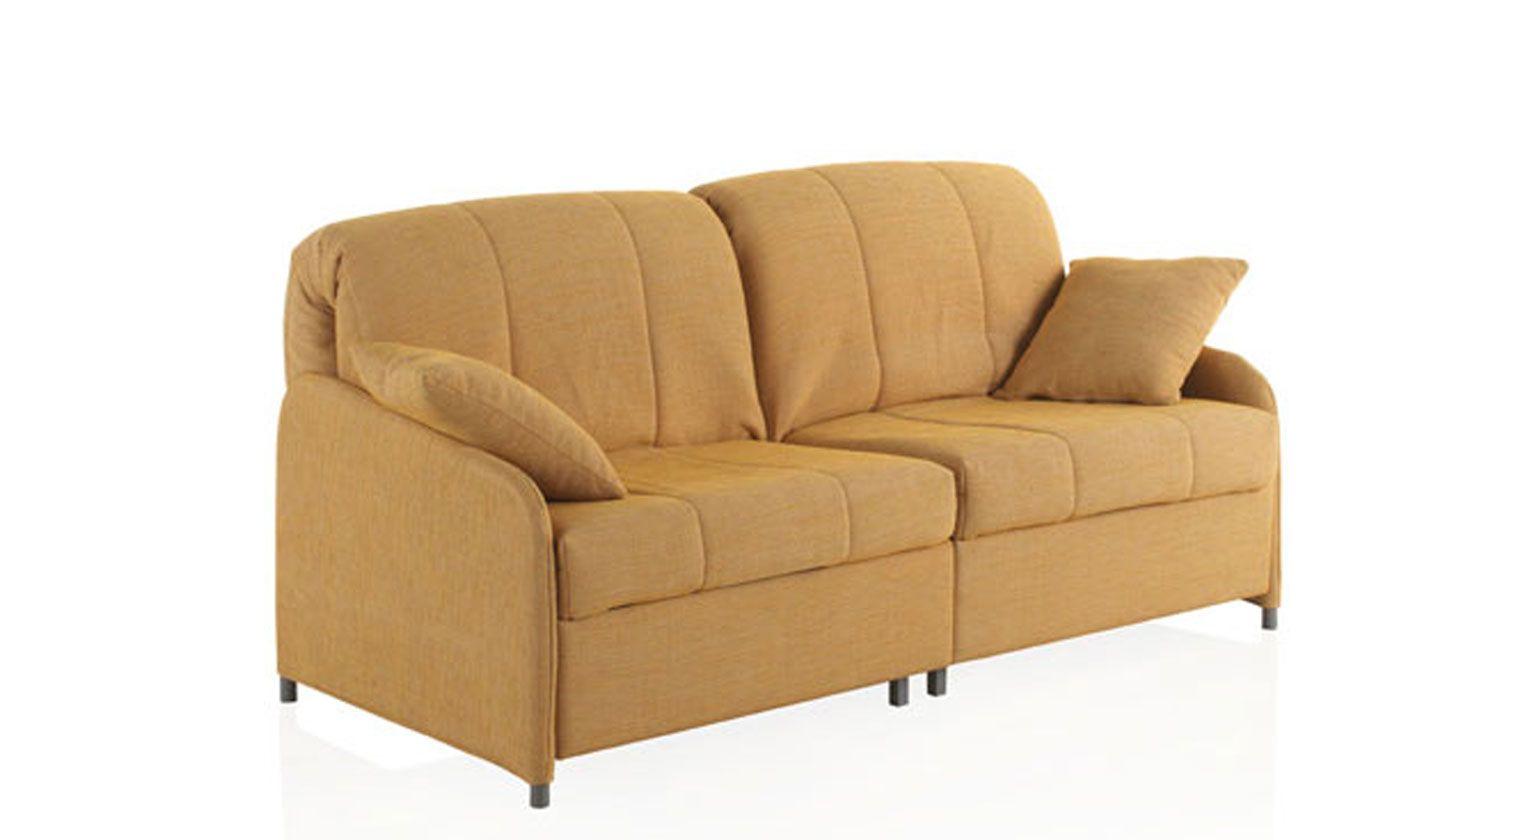 Sof cama dijon sofas cama extensible nido - Sofa extensible ...